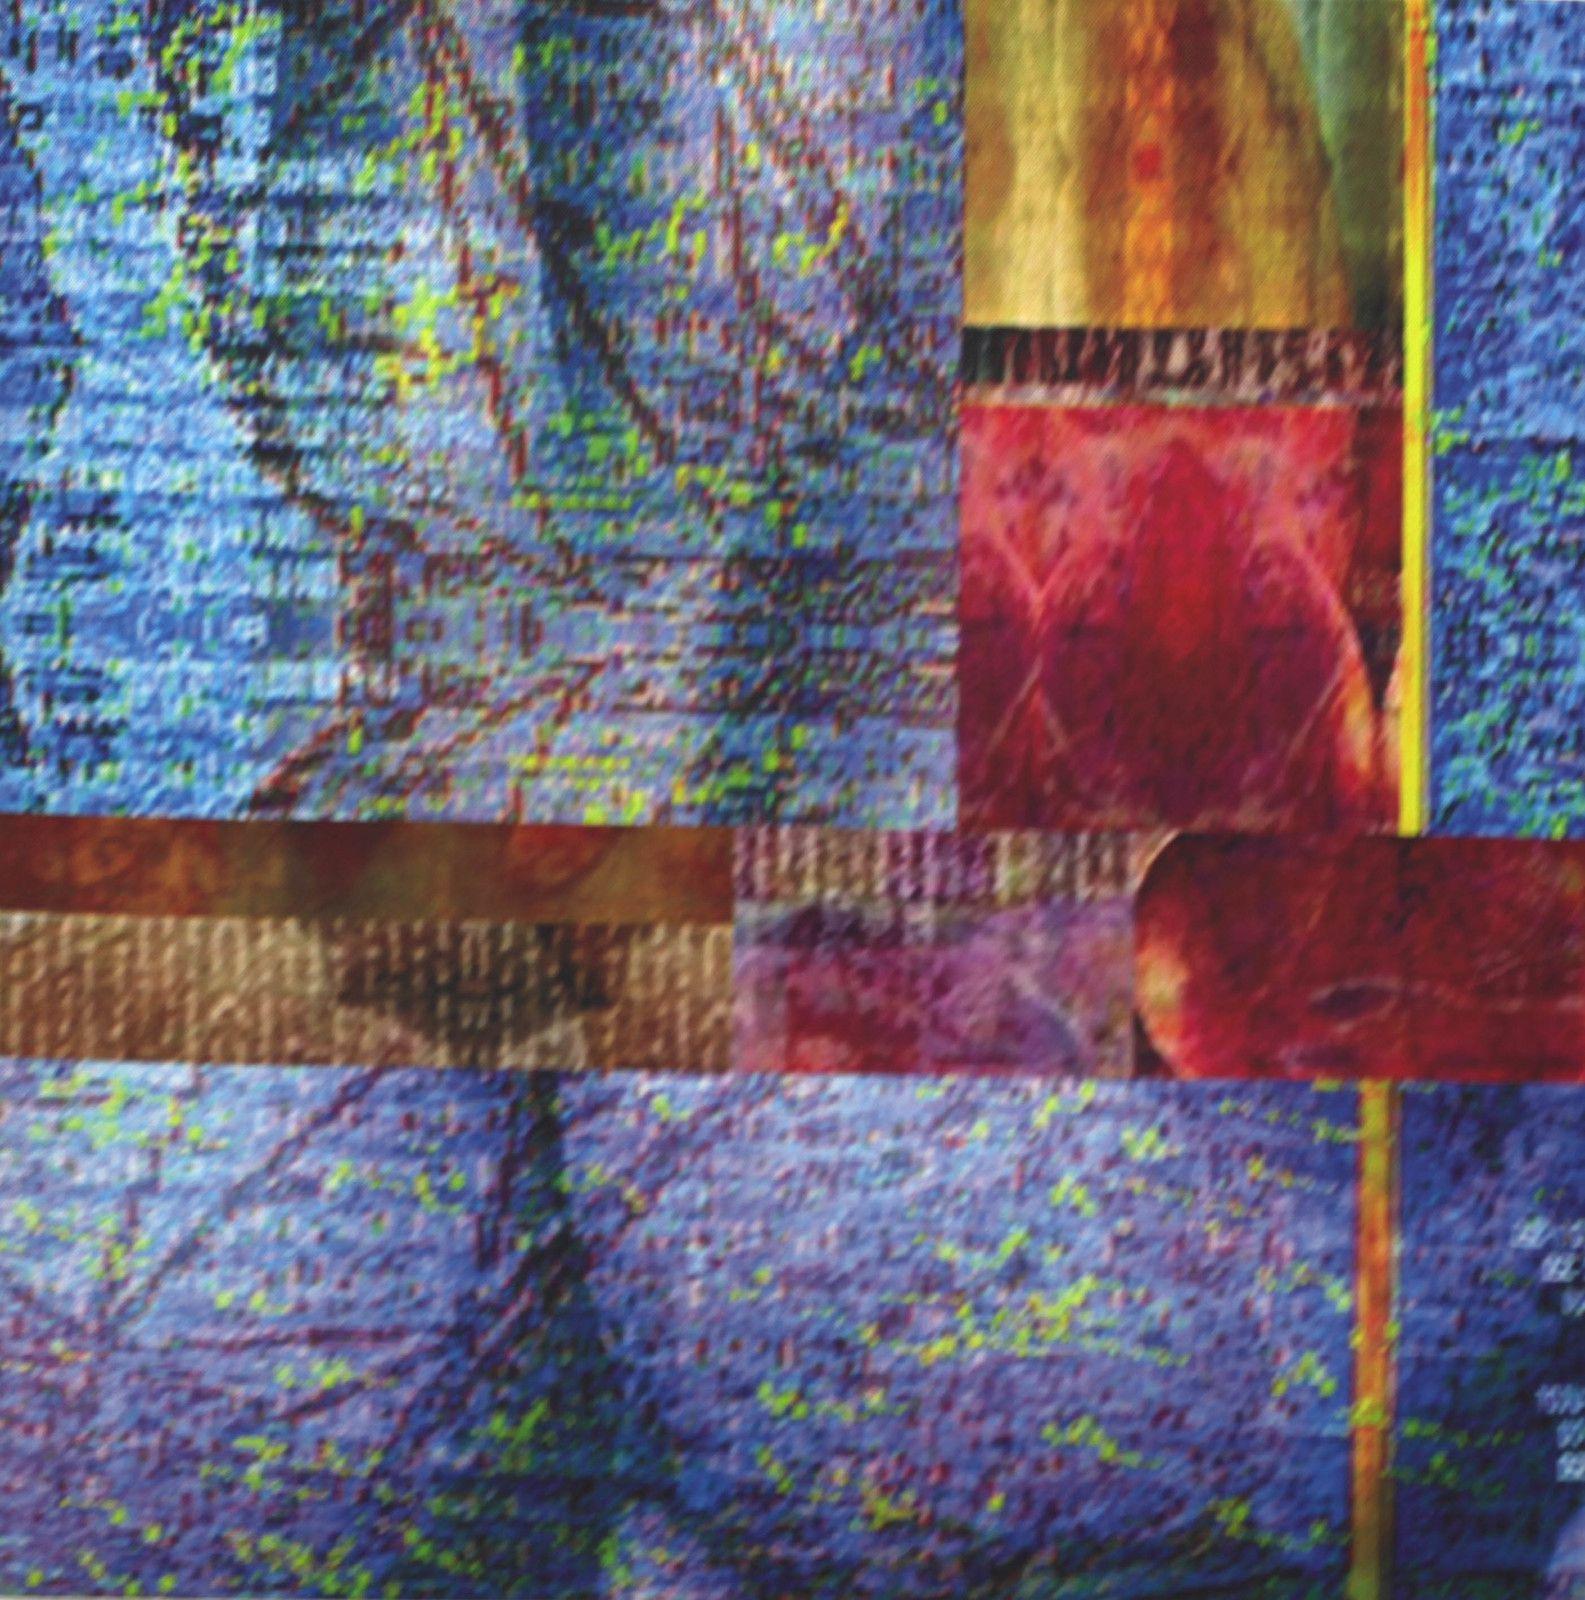 2004 de Joseph NECHVATAL - Courtesy de la Galerie Richard Paris © Photo Éric Simon